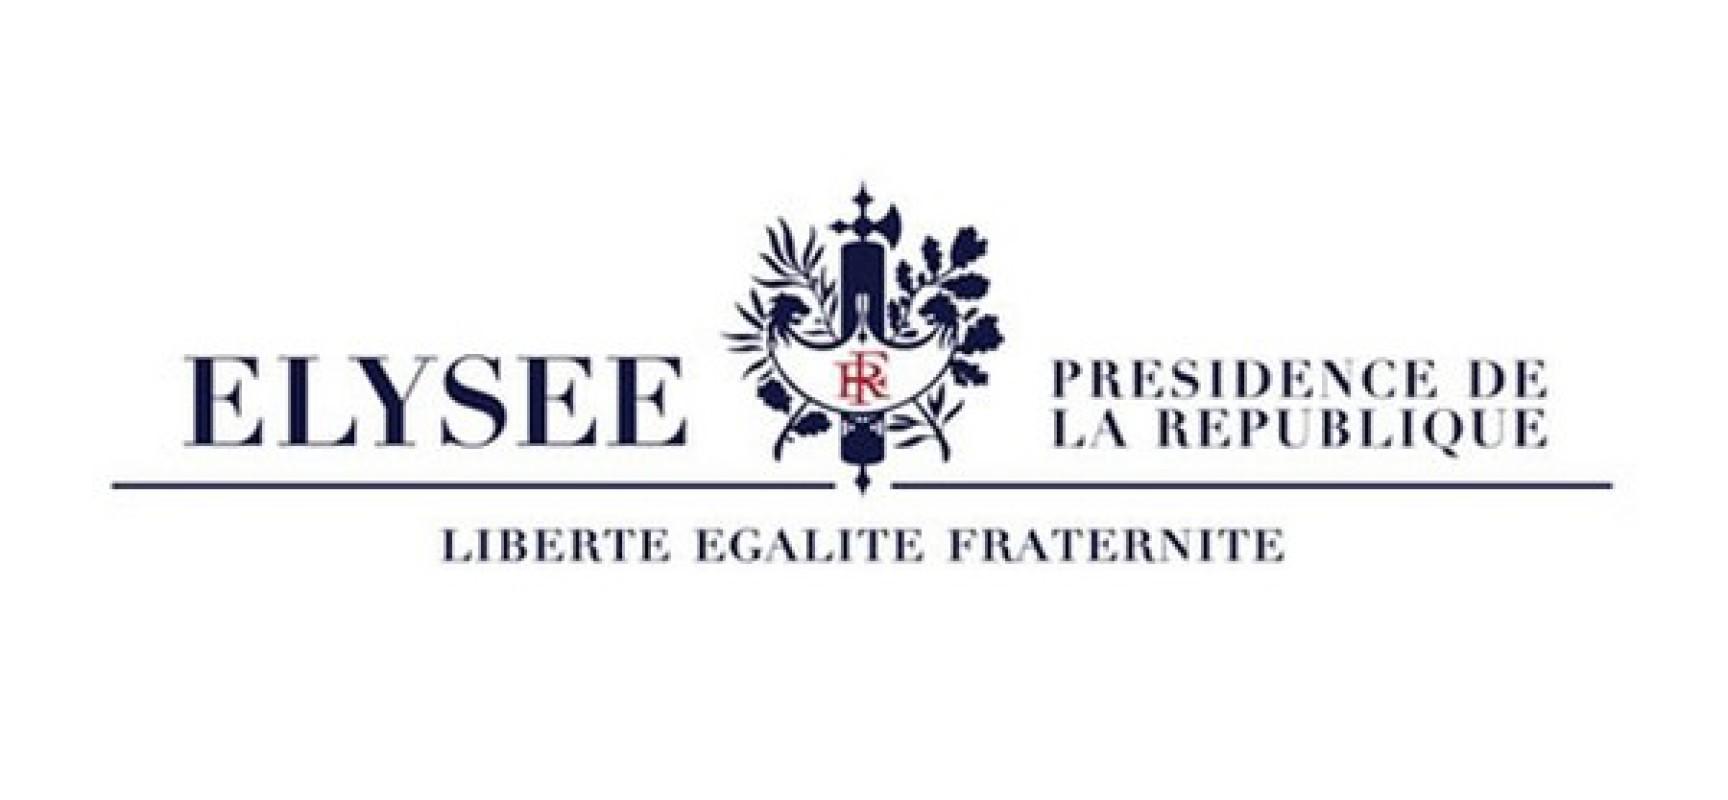 La présidence française maintient une liste de personnes à assassiner